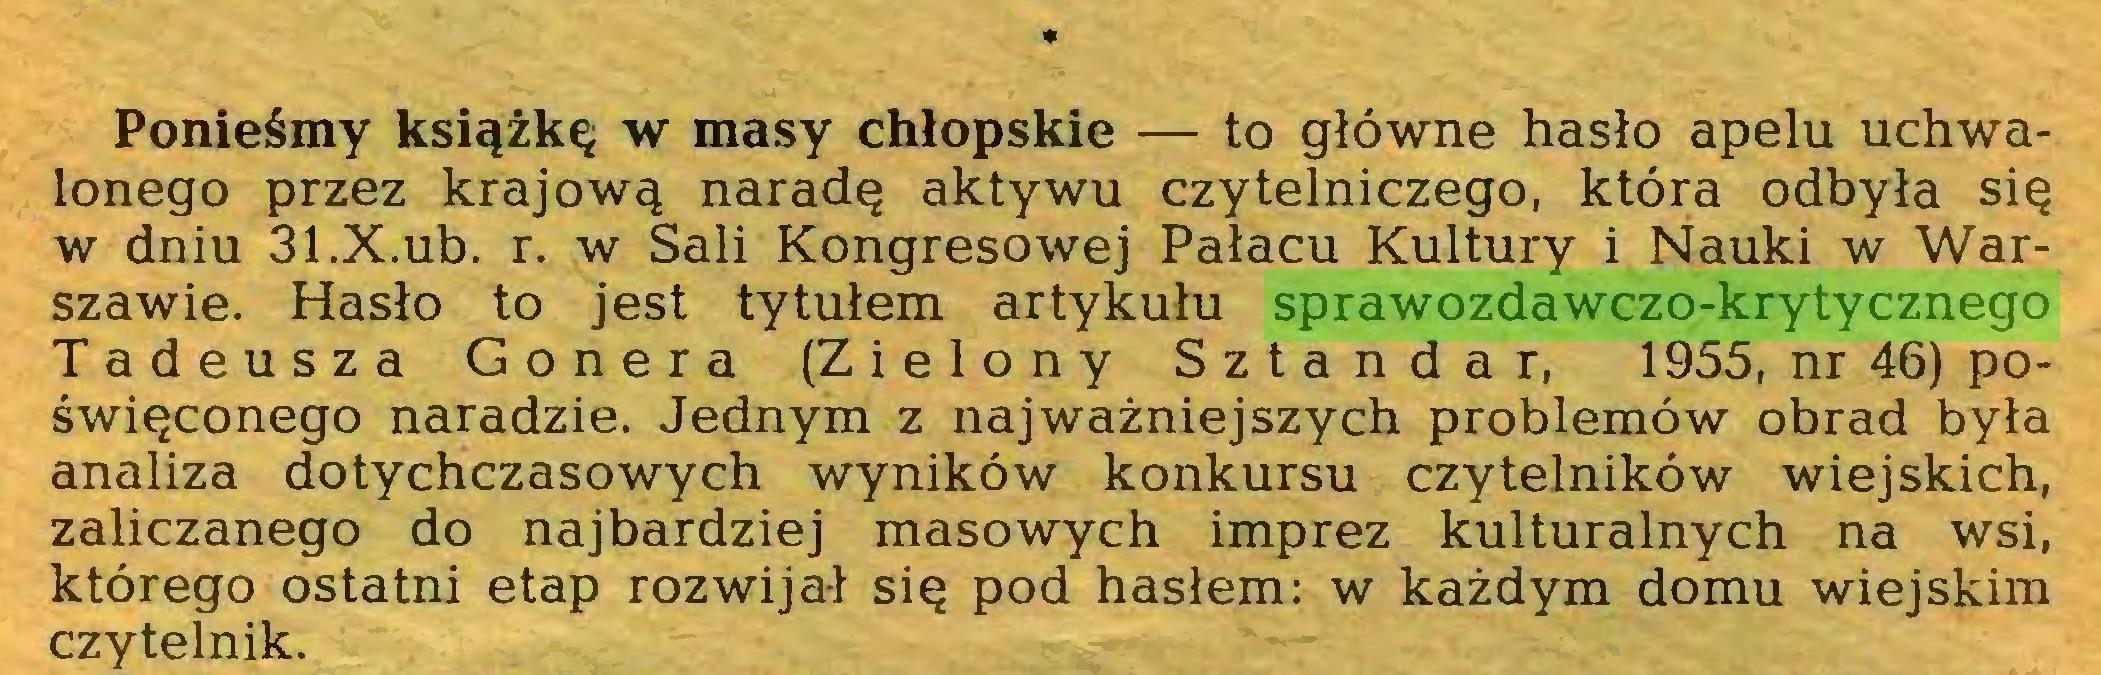 (...) * Ponieśmy książkę w masy chłopskie — to główne hasło apelu uchwalonego przez krajową naradę aktywu czytelniczego, która odbyła się w dniu 31.X.ub. r. w Sali Kongresowej Pałacu Kultury i Nauki w Warszawie. Hasło to jest tytułem artykułu sprawozdawczo-krytycznego Tadeusza Gonera (Zielony Sztandar, 1955, nr 46) poświęconego naradzie. Jednym z najważniejszych problemów obrad była analiza dotychczasowych wyników konkursu czytelników wiejskich, zaliczanego do najbardziej masowych imprez kulturalnych na wsi, którego ostatni etap rozwijał się pod hasłem: w każdym domu wiejskim czytelnik...